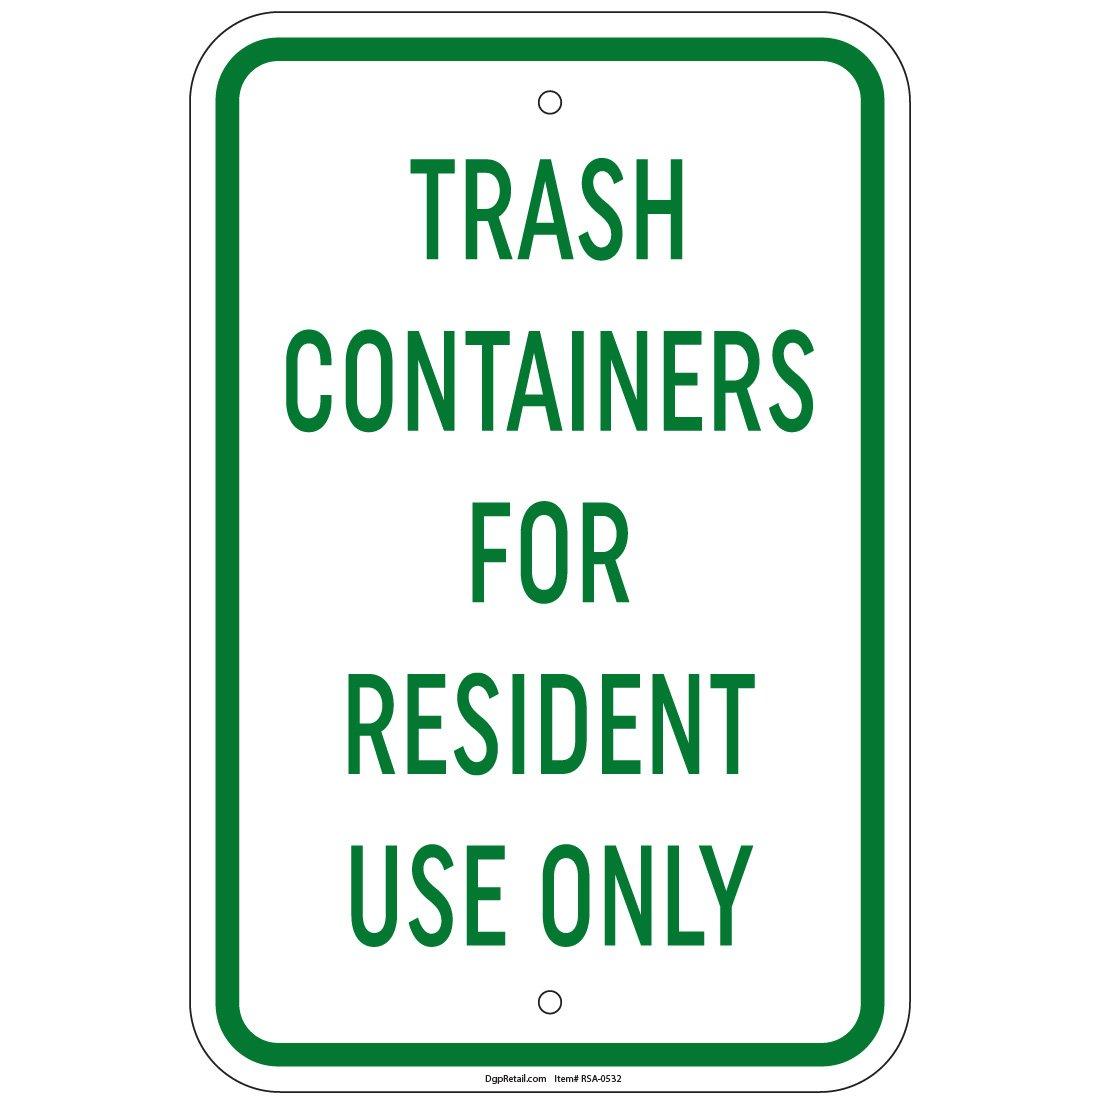 ヘビーゲージTrash residentsのみのコンテナをサイン12